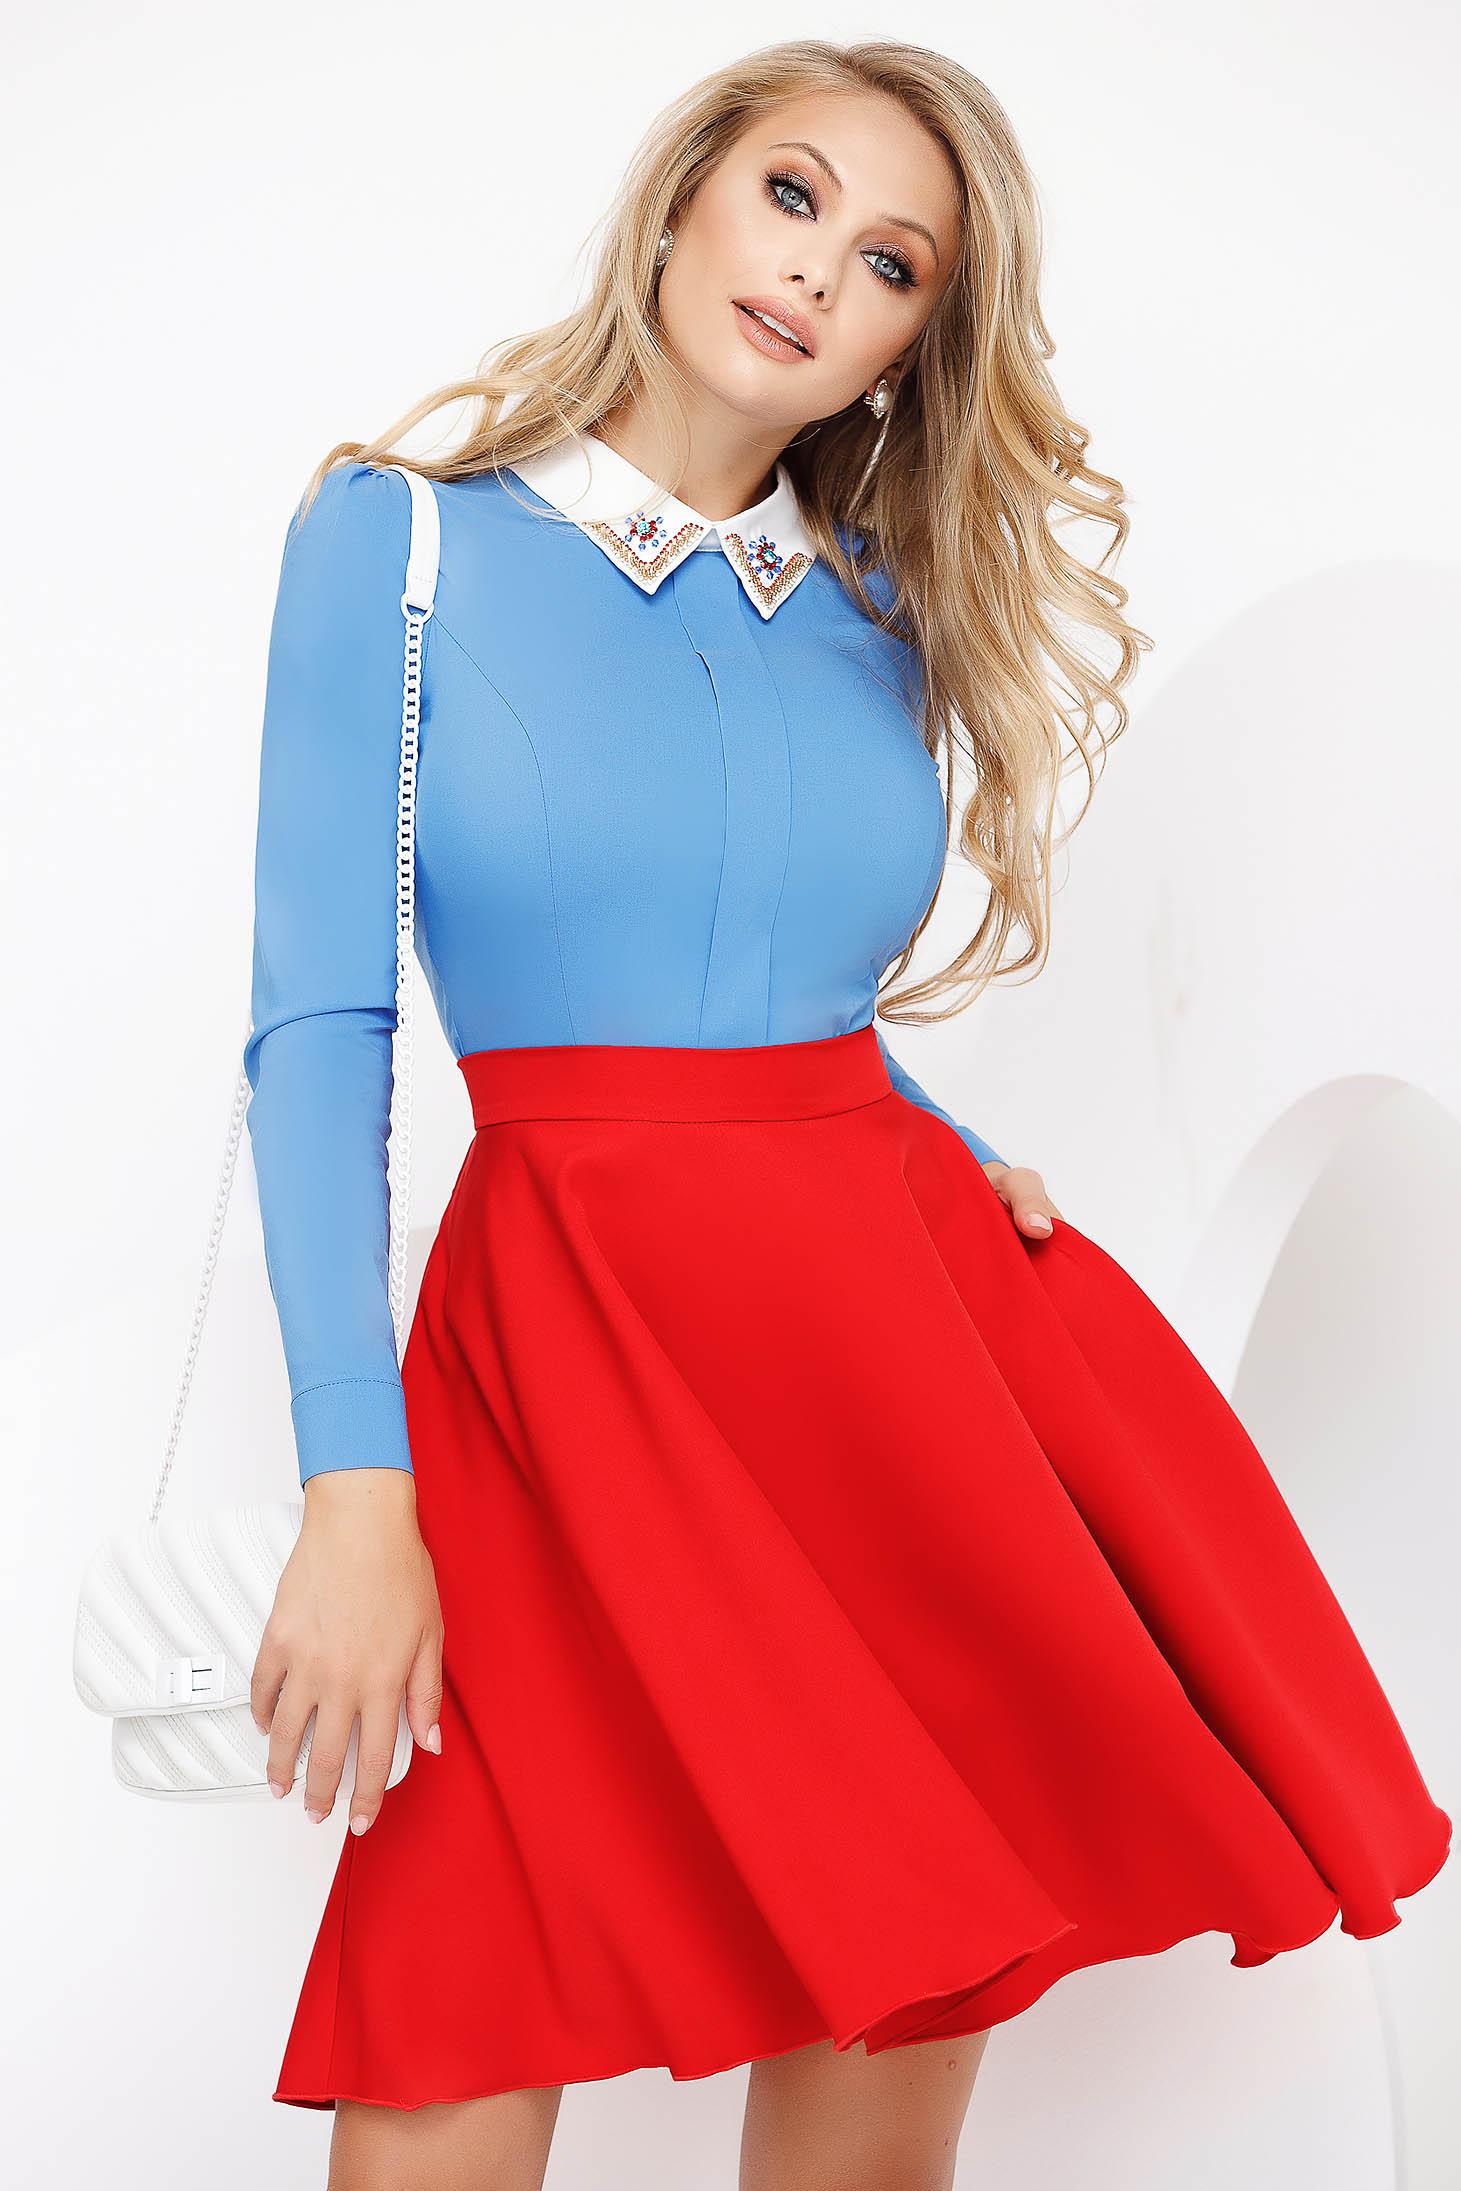 Kék irodai szűk szabású női ing enyhén elasztikus pamut gallérja strassz köves díszítéssel